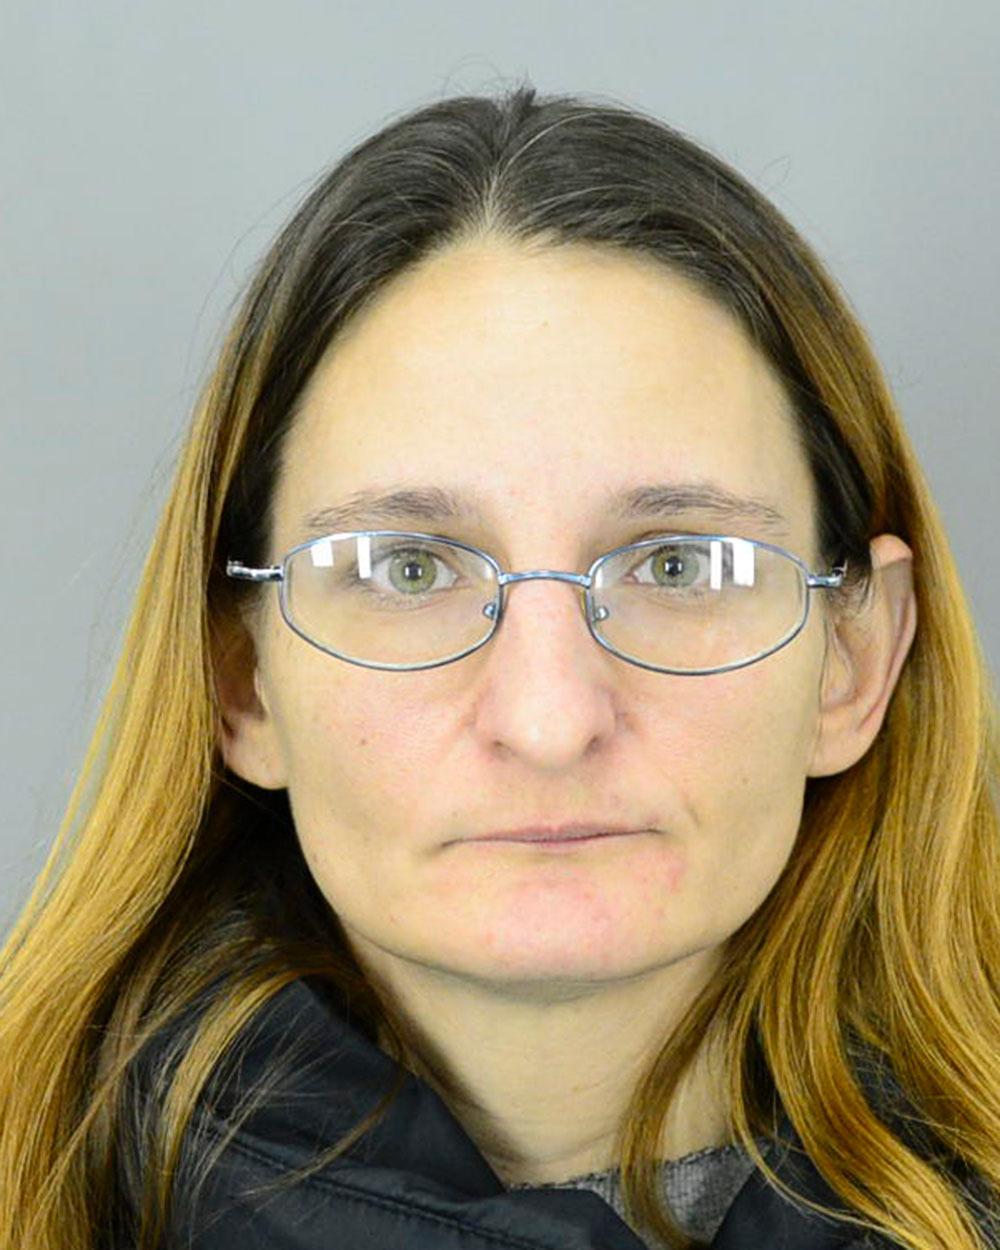 Ny york sex offender regestry